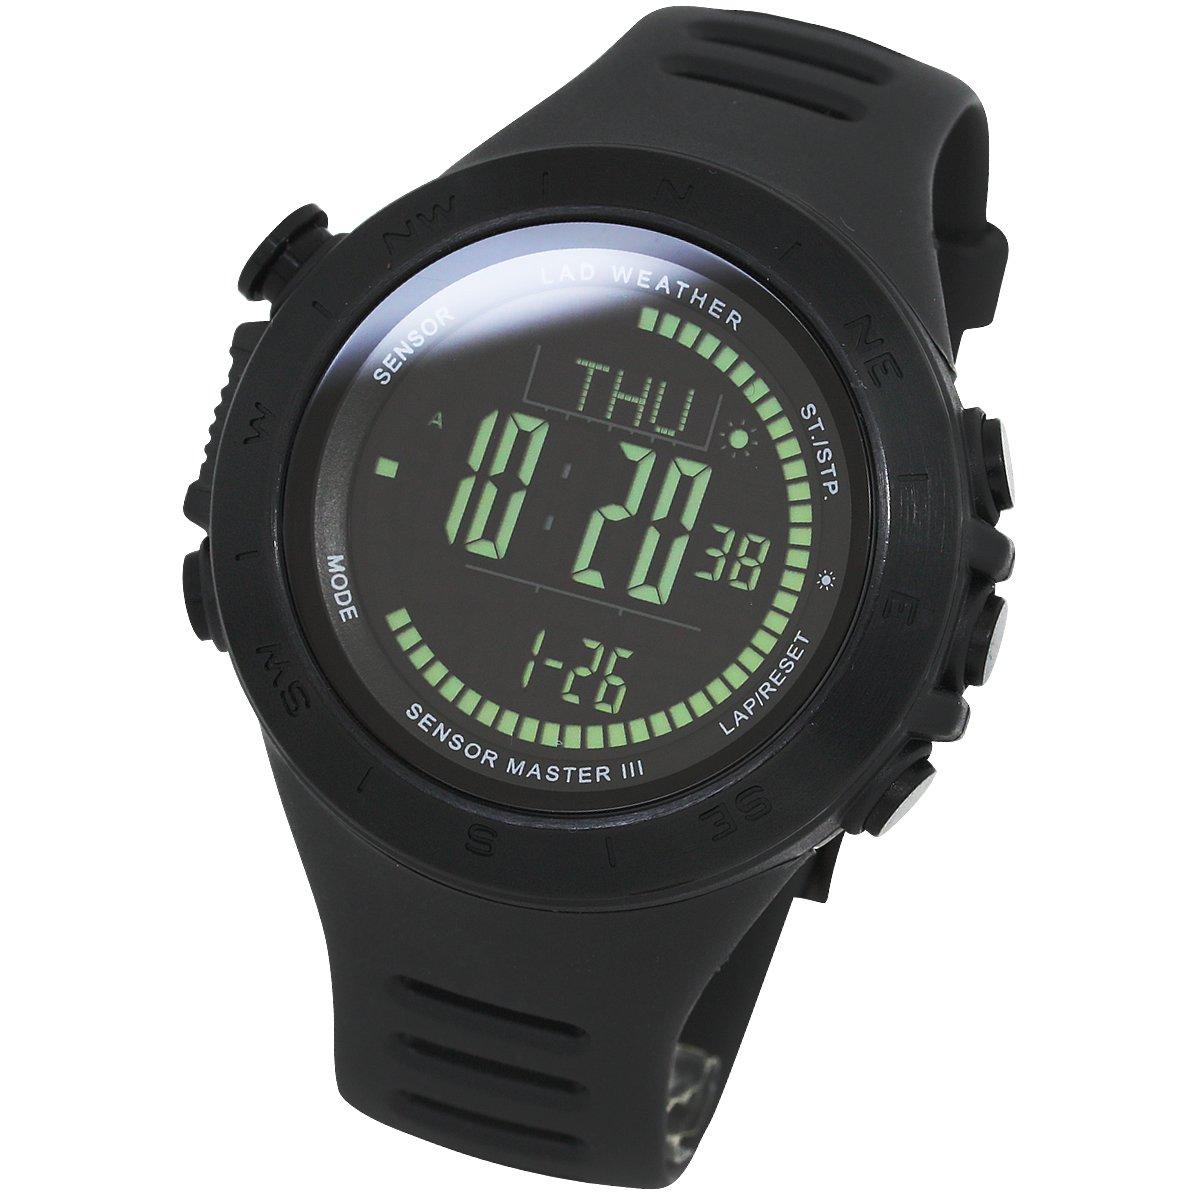 [Lad Weather] Reloj Cuando multifuncional Altímetro Previsión meteorológica Distancia/Velocidad/Pasos y calorías